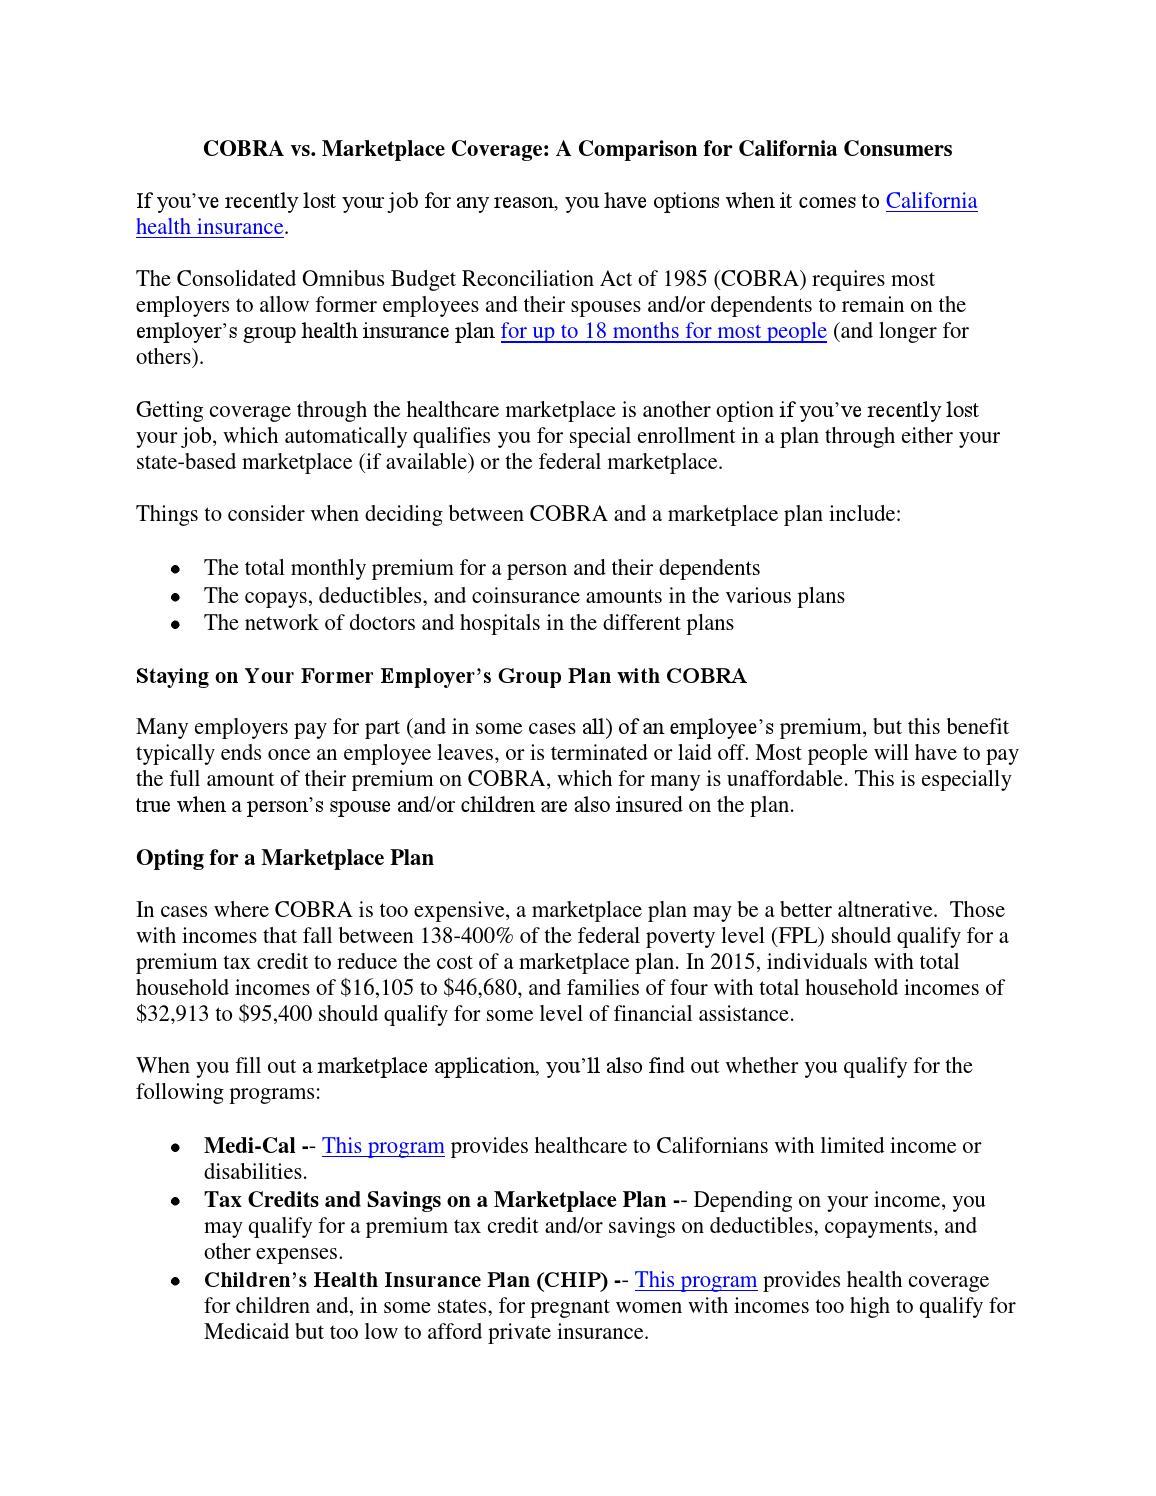 COBRA vs. Marketplace Coverage: A Comparison for ...